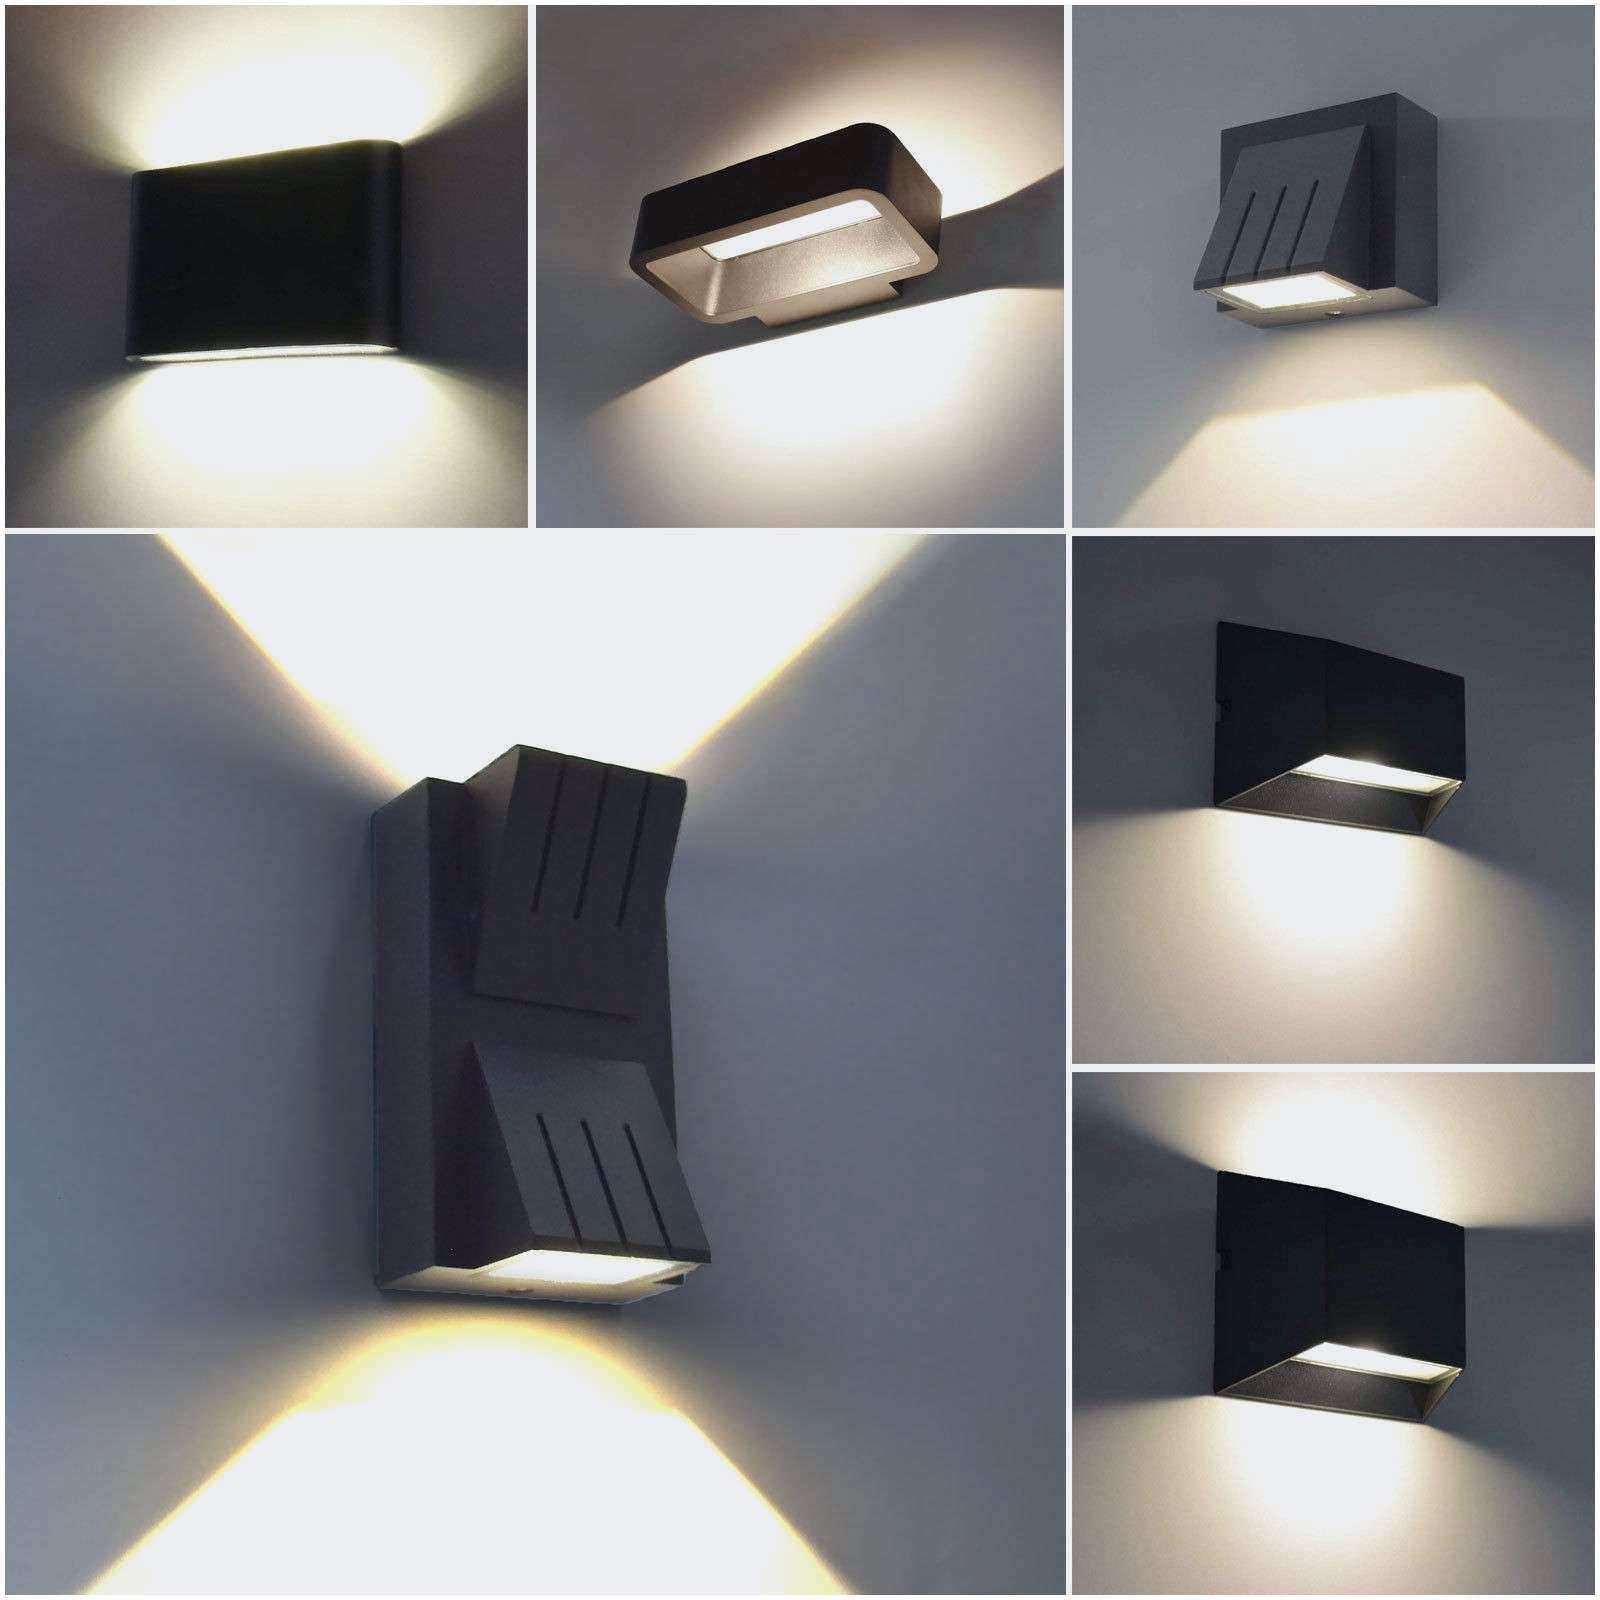 Full Size of Designer Lampen Wohnzimmer Led Spots Luxus Anbauwand Heizkörper Deckenlampe Sofa Kleines Stehlampe Bilder Modern Hängeleuchte Deckenlampen Für Wandbild Wohnzimmer Designer Lampen Wohnzimmer